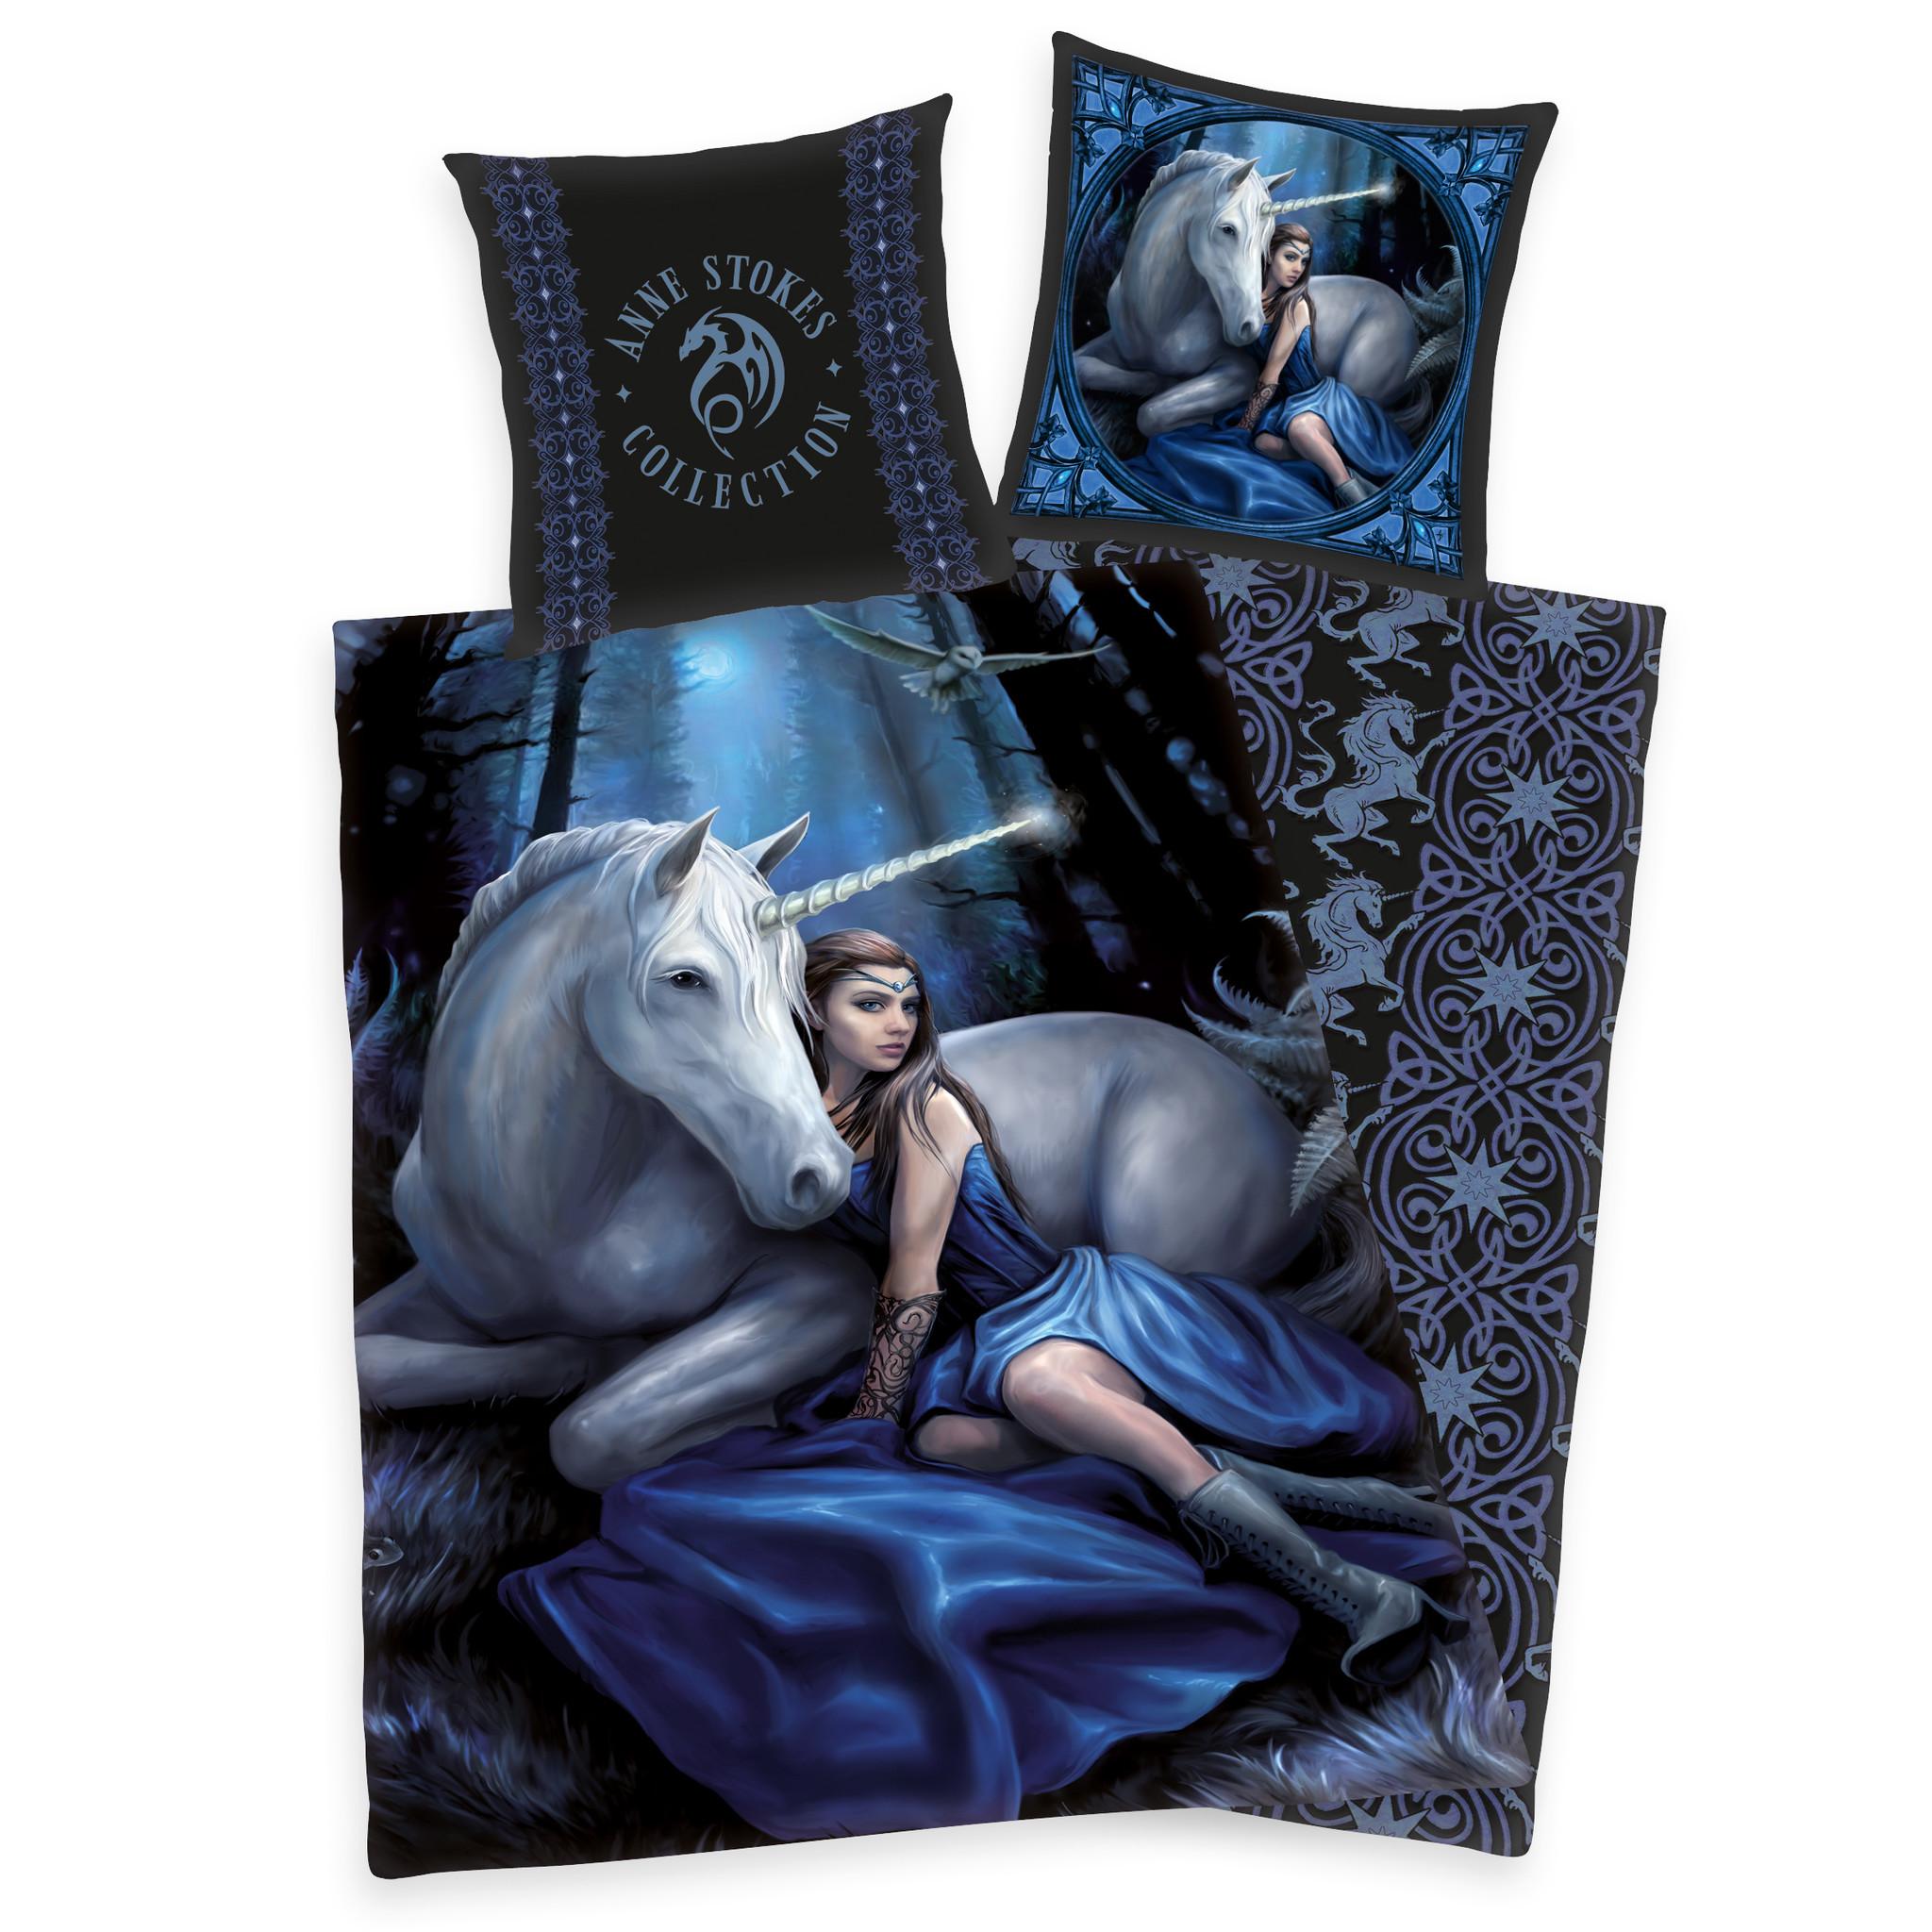 Herding Anne Stokes Duvet Cover Set Unicorn